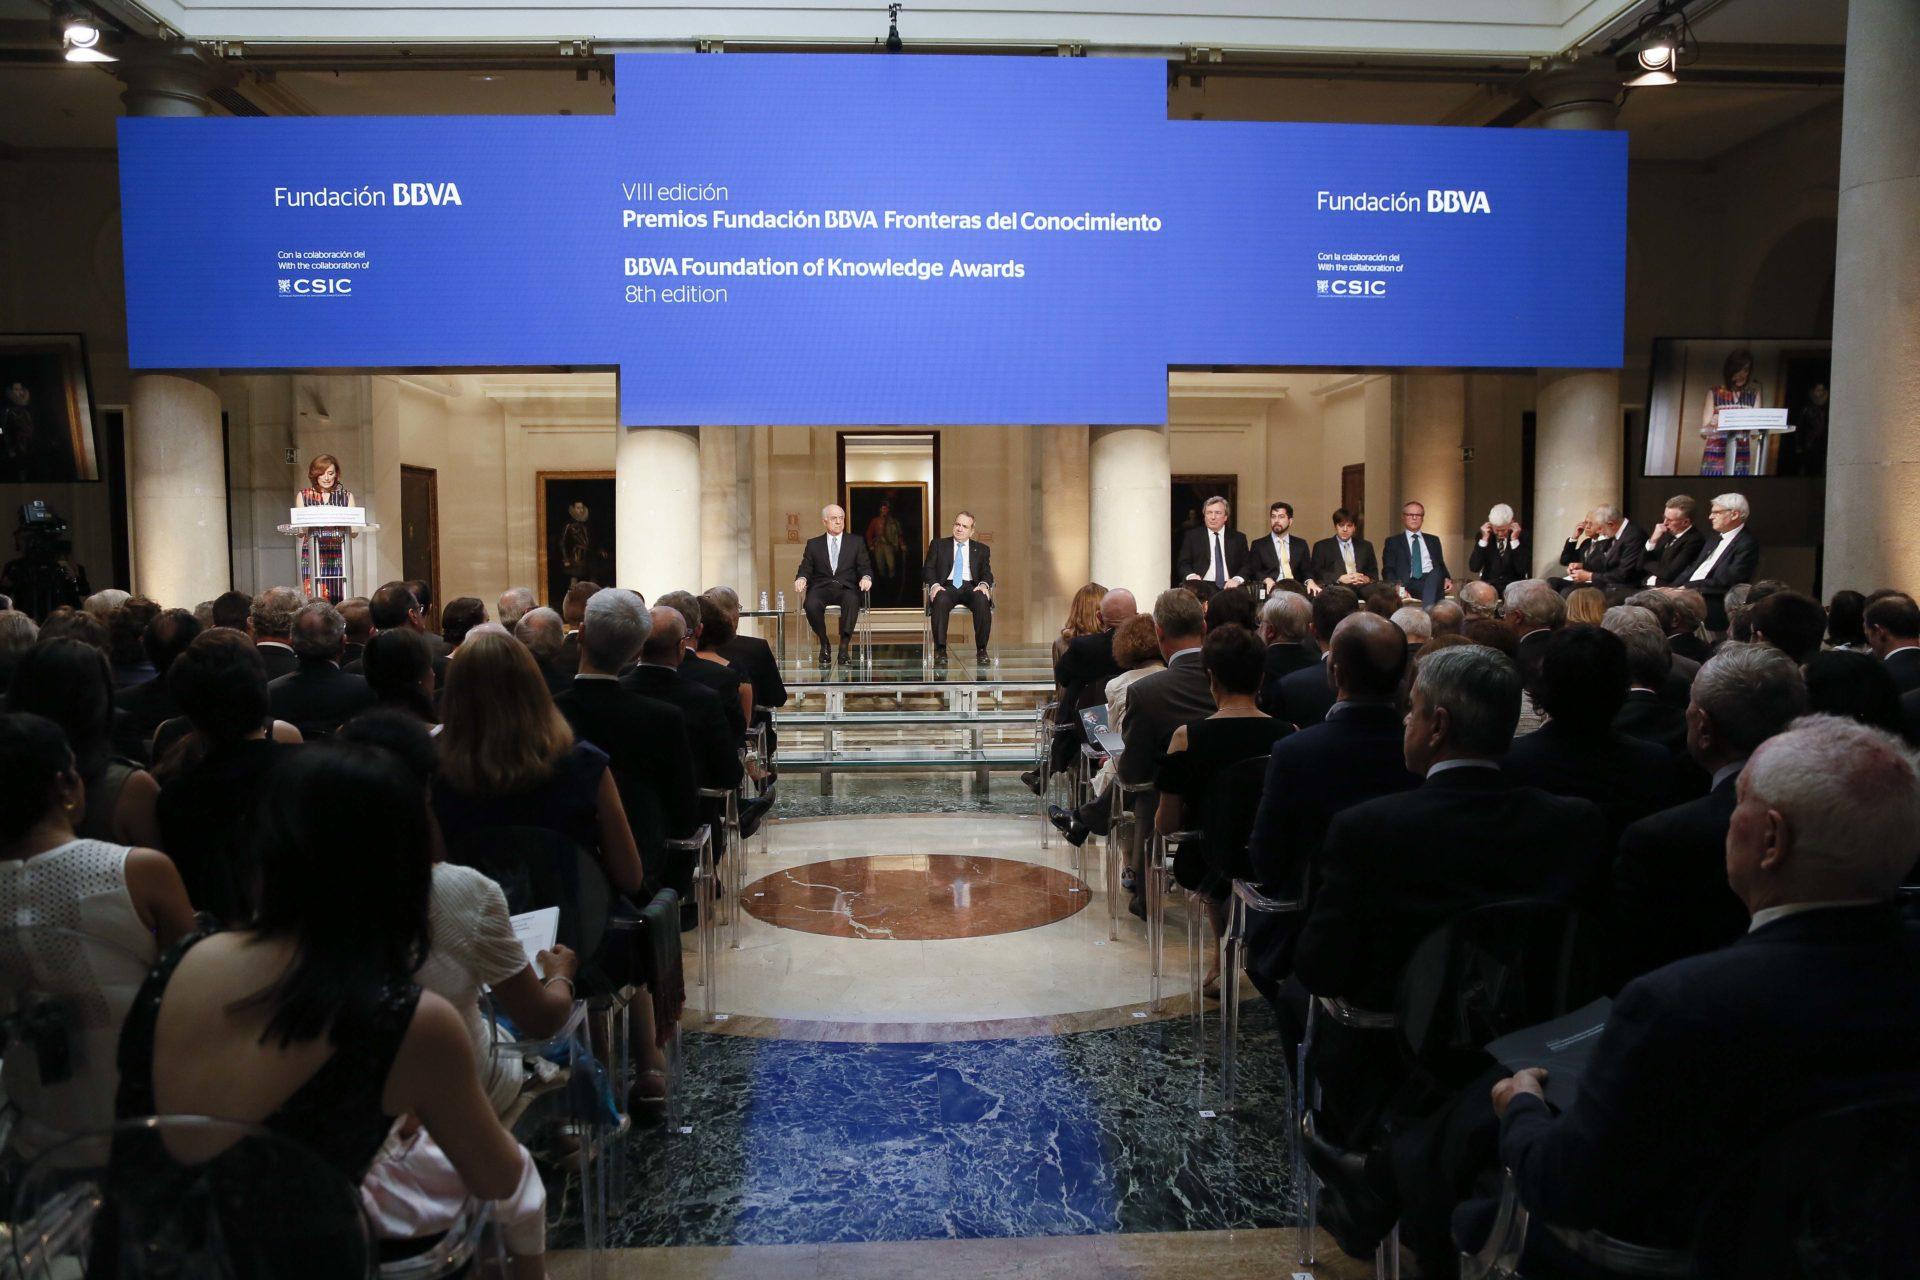 Fotografía de la ceremonia de entrega de los premios de la Fundación BBVA Fronteras del Conocimiento. KIKE PARA.